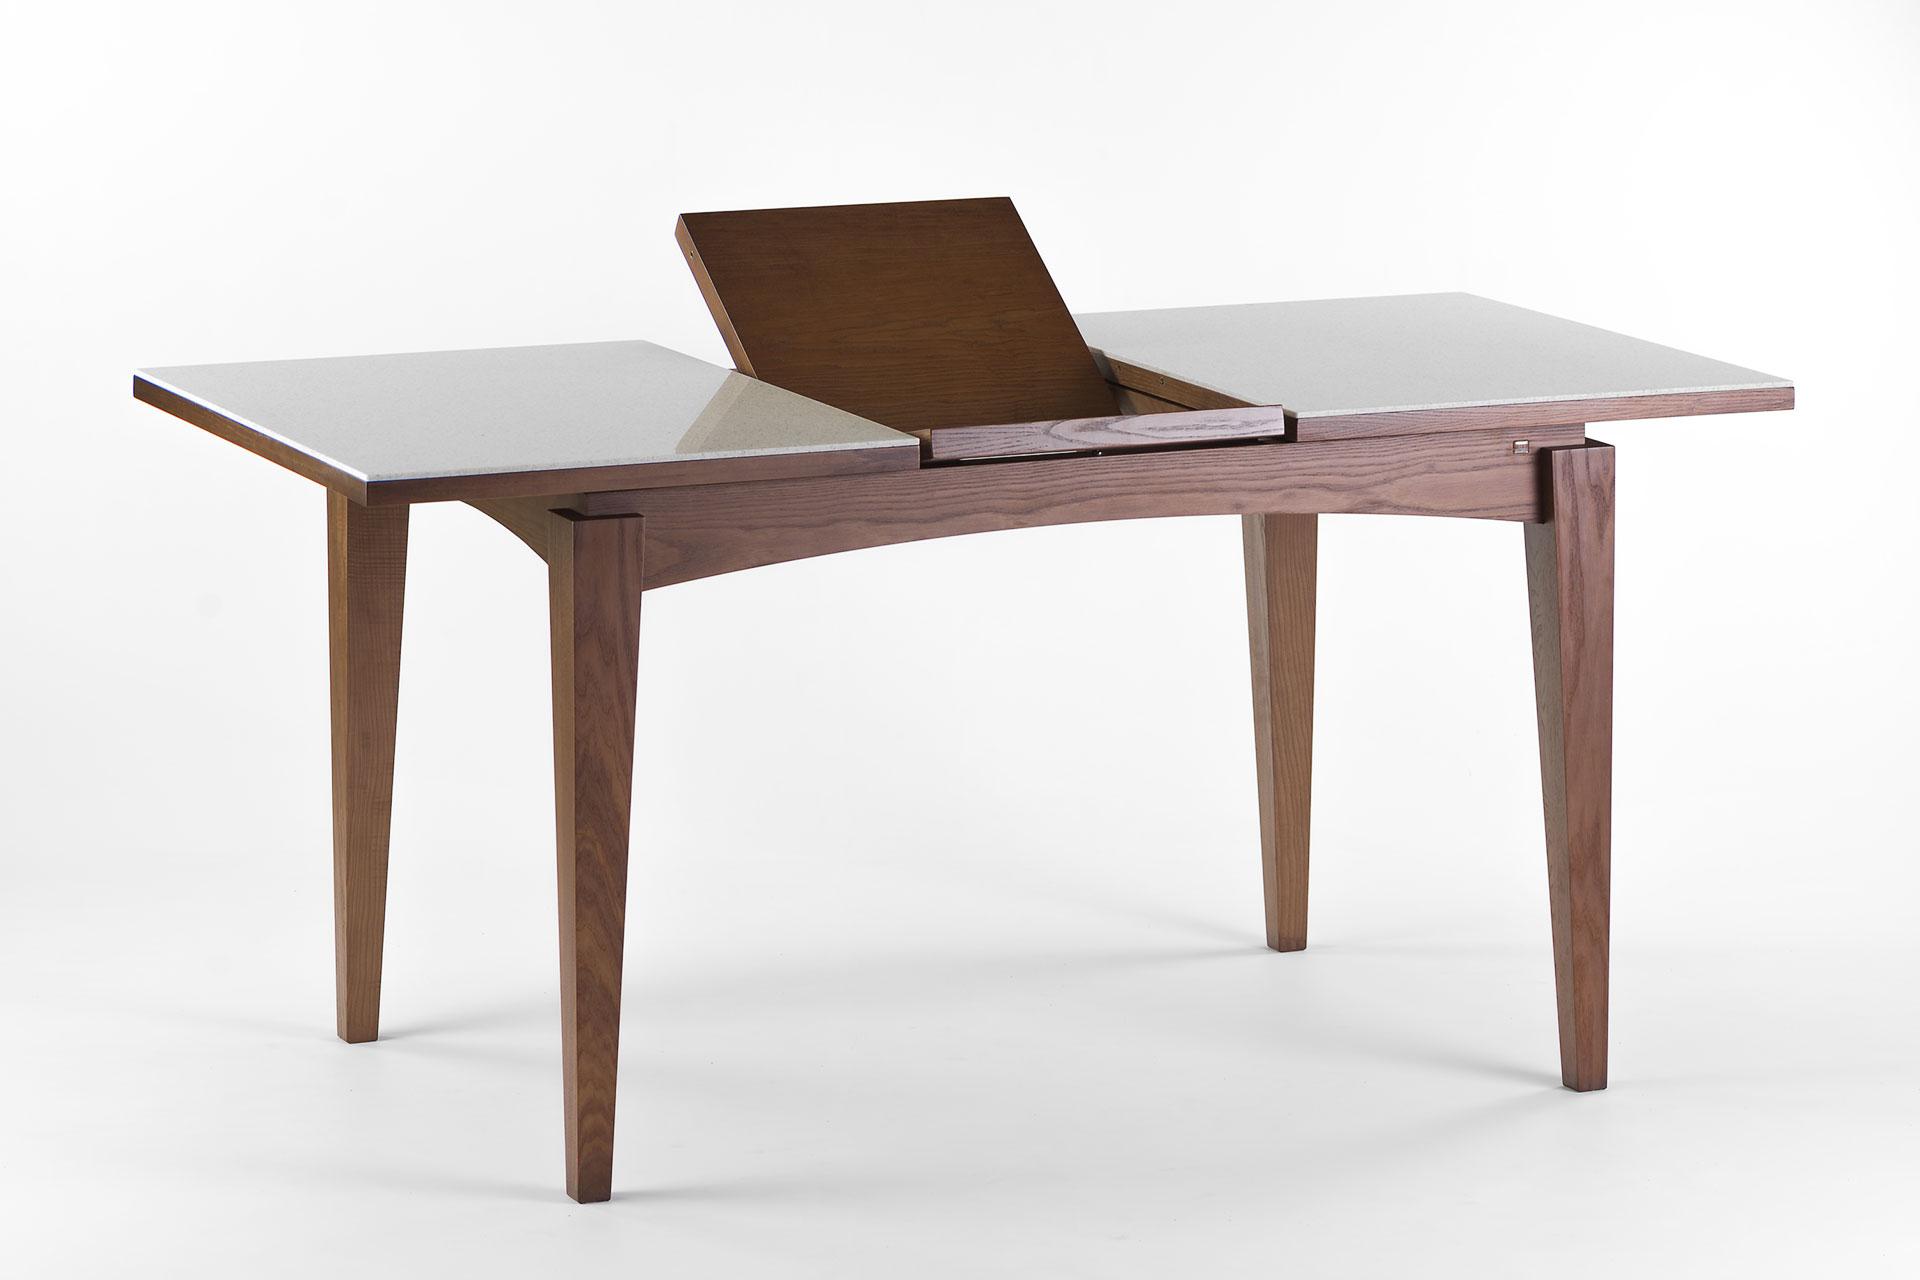 """Раскладной кухонный стол """"Бруклин"""" с прямоугольной столешницей из искусственного камня с механизмом раскладки, ножки и царга тонированы SE-7034. Твердое дерево"""